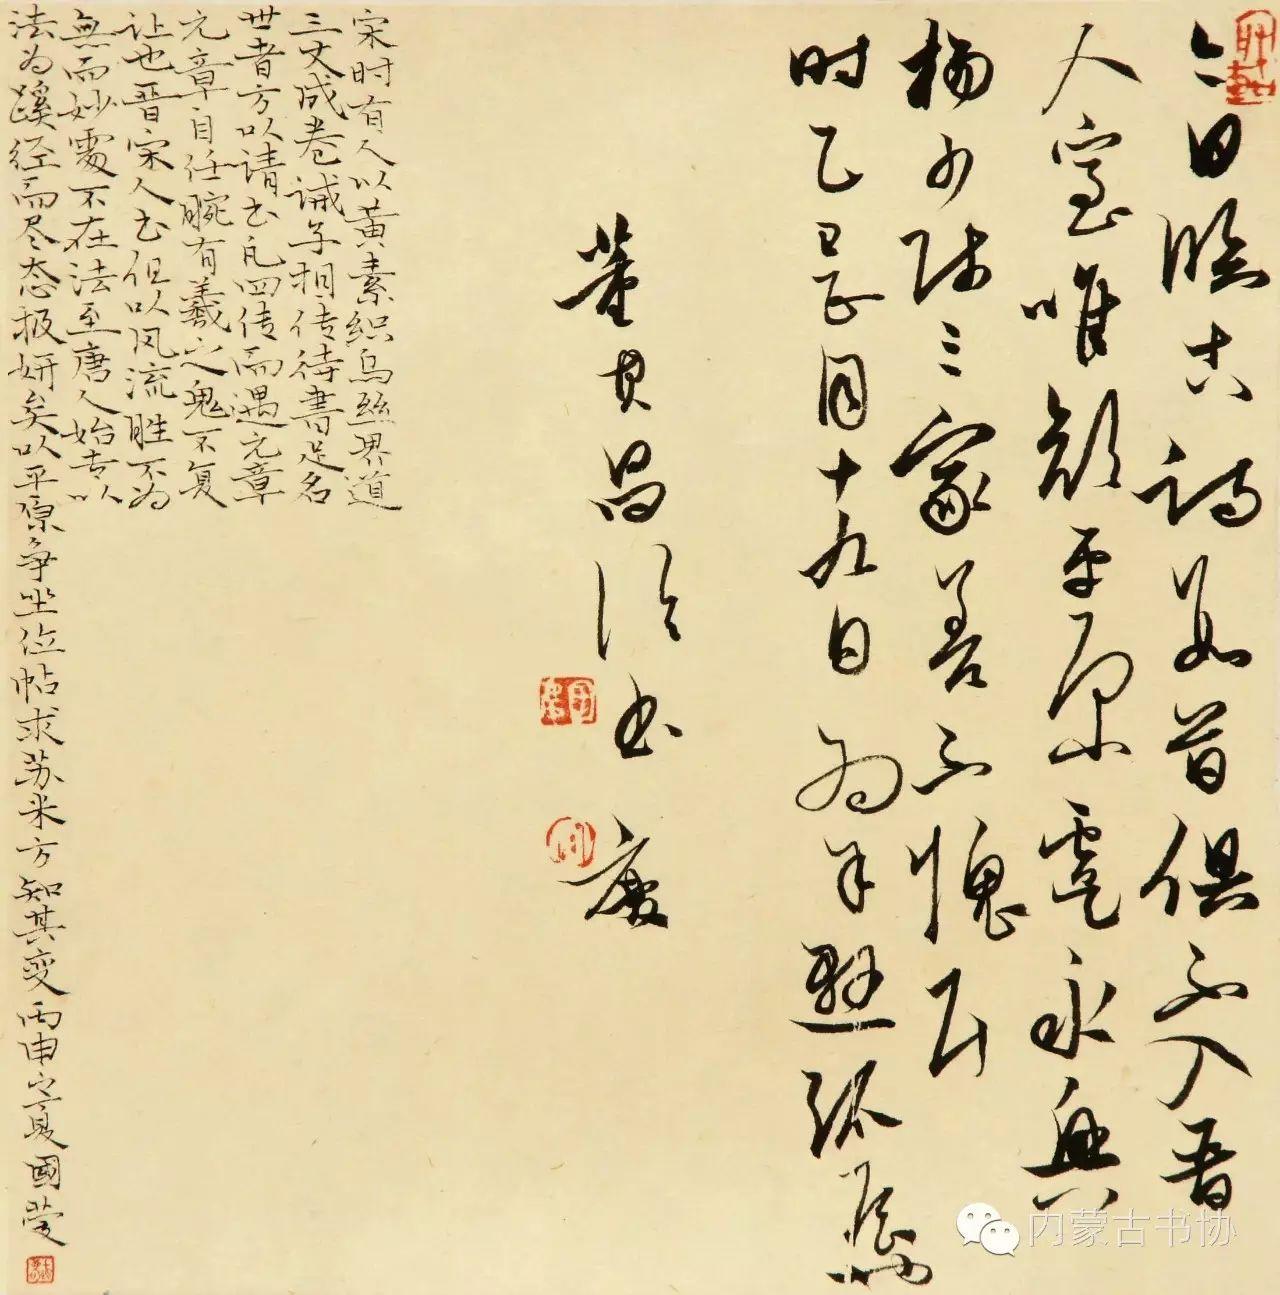 内蒙古书法家协会书家推荐系列之包国庆书法艺术赏析 第2张